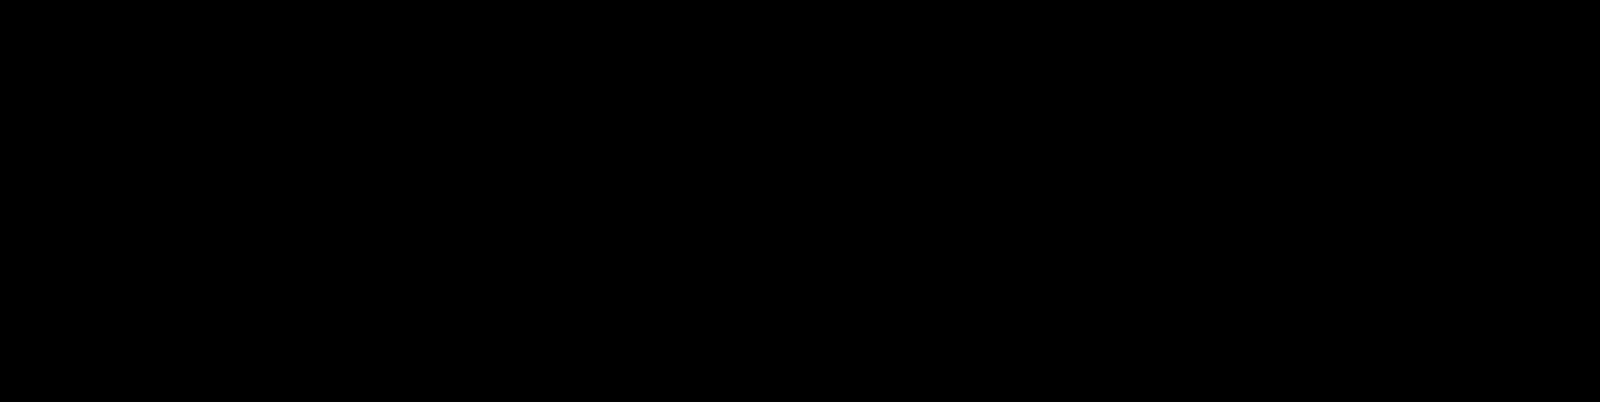 Goringe